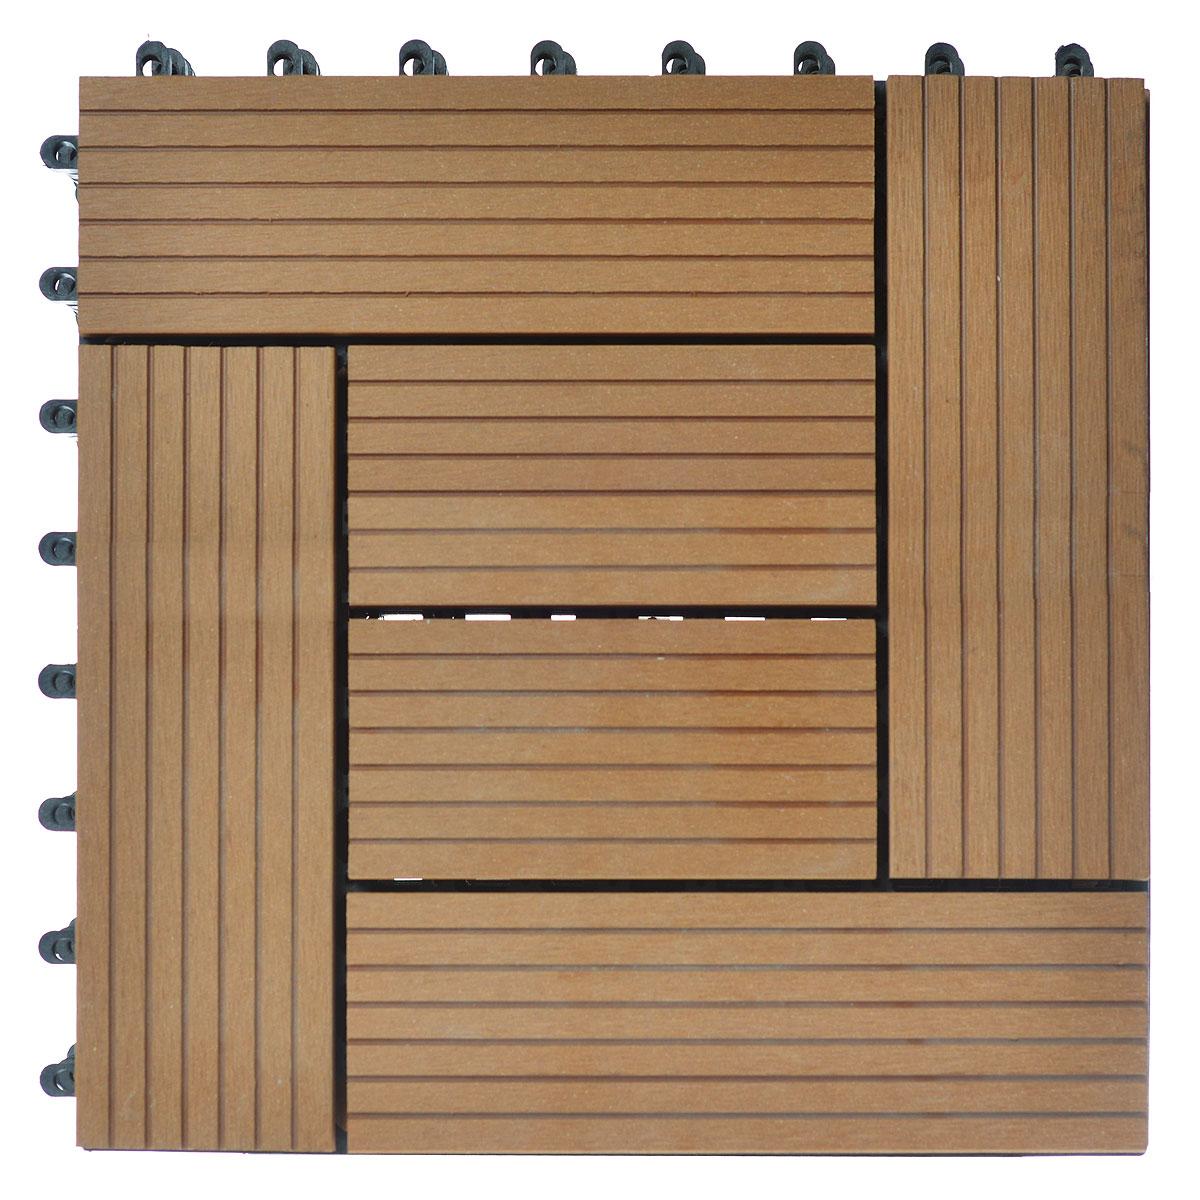 Покрытие Konex Декинг, цвет: бук, 30 х 30, 6 шт. ПД-Б6C0042416Покрытие Konex Декинг состоит из 6 секций, изготовленных из высококачественного дерева, основа выполнена из полипропилена. Покрытие предназначено для создания дополнительного (отделочного) слоя пола в различных помещениях бытового и хозяйственного назначения (коридоры, веранды, сауны и бани, ванные комнаты, балконы), а также для быстрого обустройства открытых площадок и дорожек (спортивные и детские площадки, зоны отдыха, садовые дорожки, террасы, палубы, причалы, бассейны) на подготовленных площадях.Размер секции: 30 см х 30 см х 3 см.Количество секций: 6 шт.